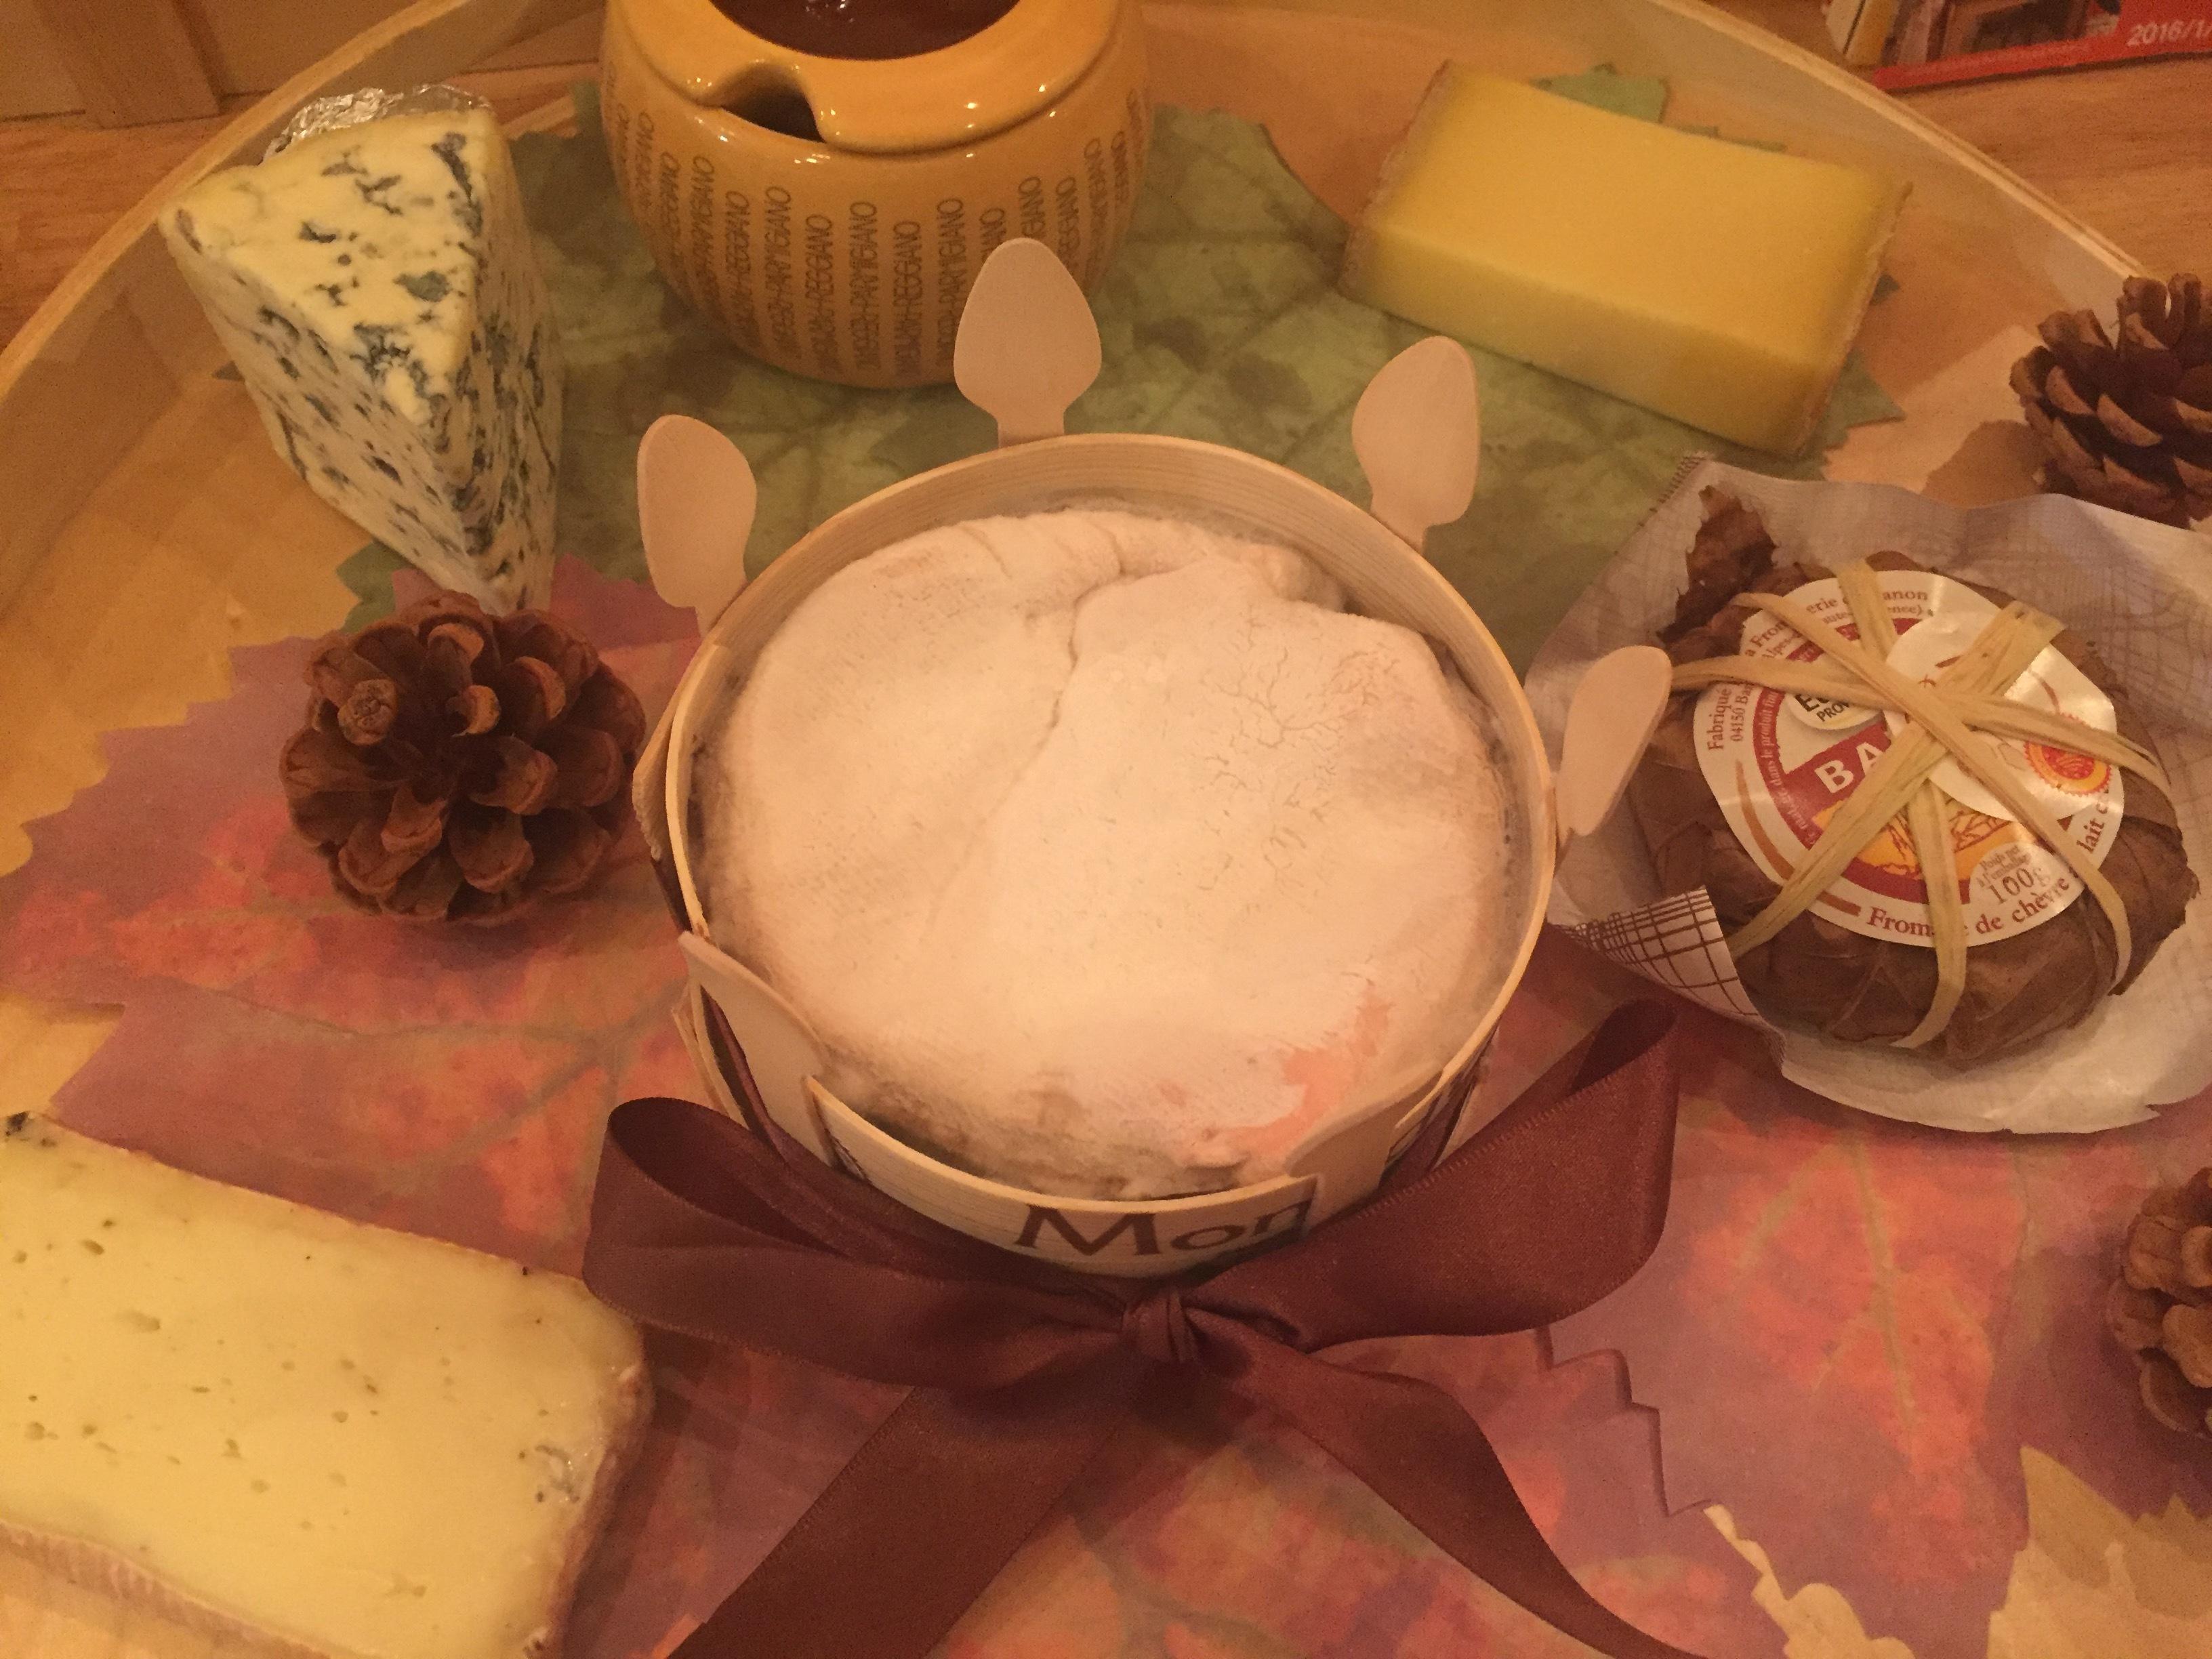 トロットロ!季節限定チーズ『モンドール』をちょっとおめかし♡_1_2